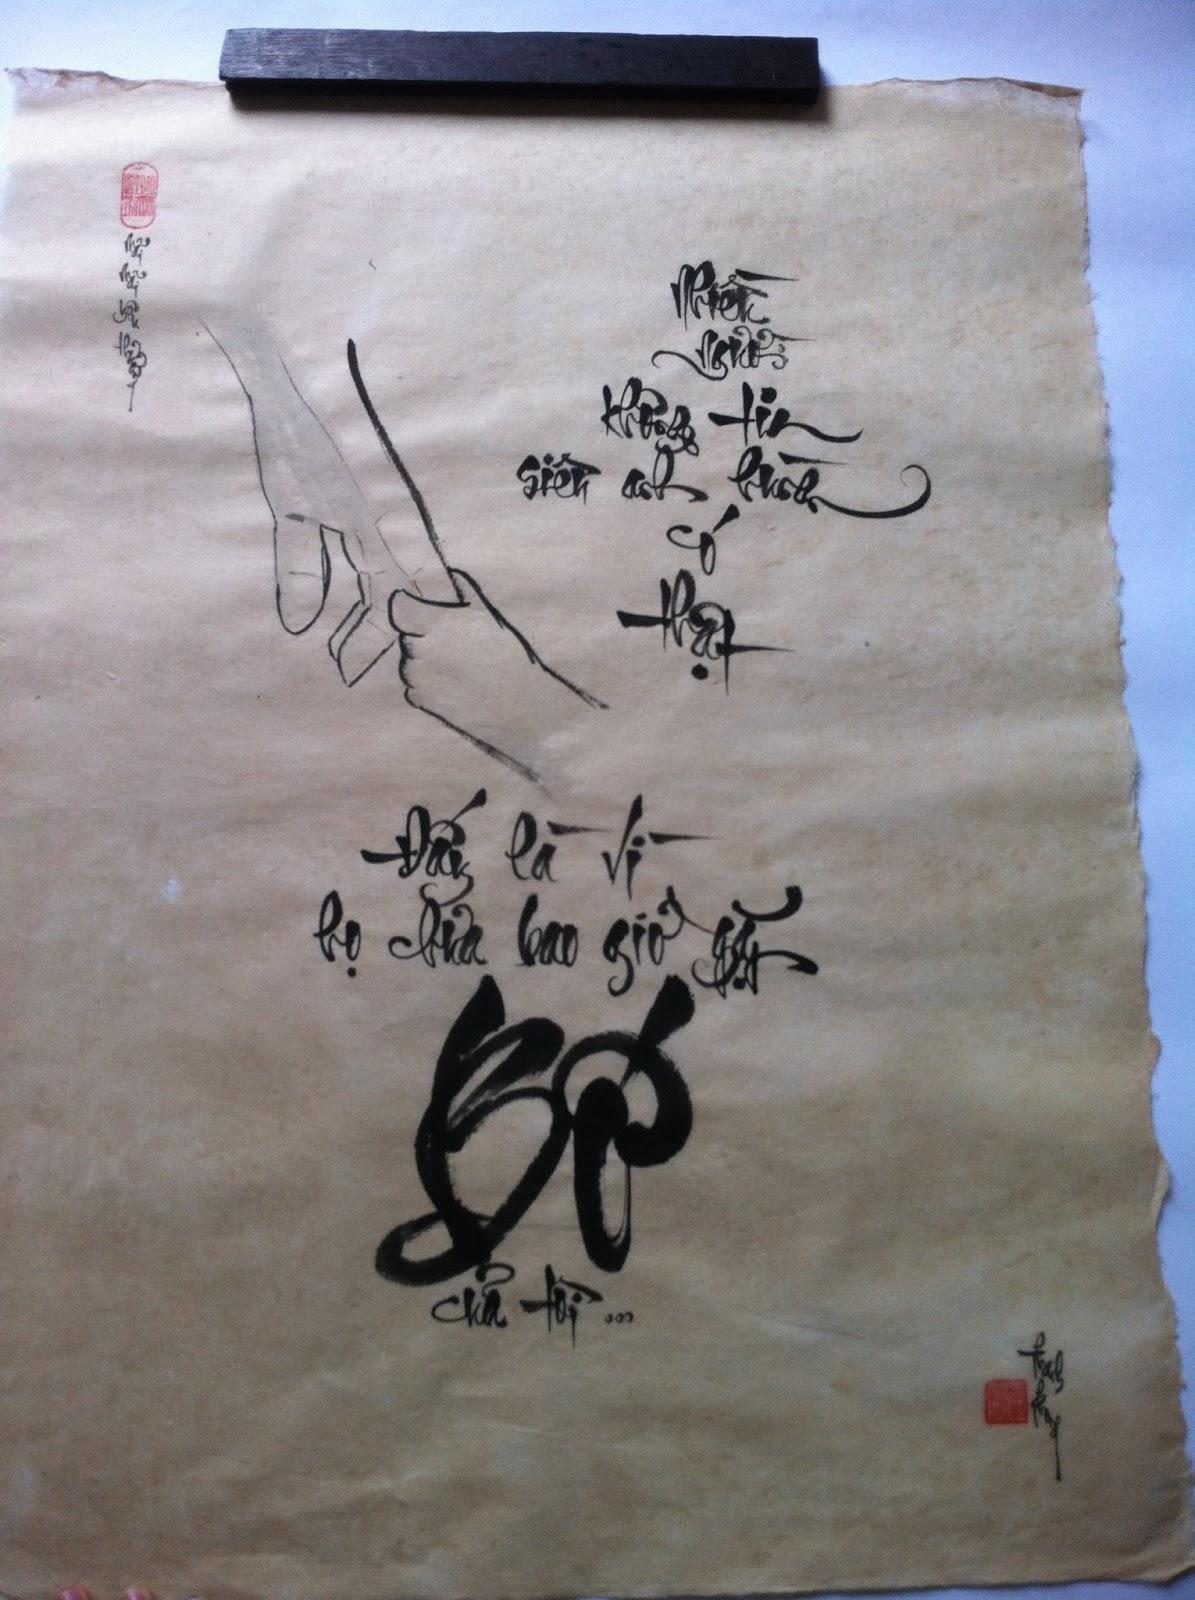 Dịch vụ viết thư pháp chuyên nghiệp tại Hà Nội - 0966 966 007